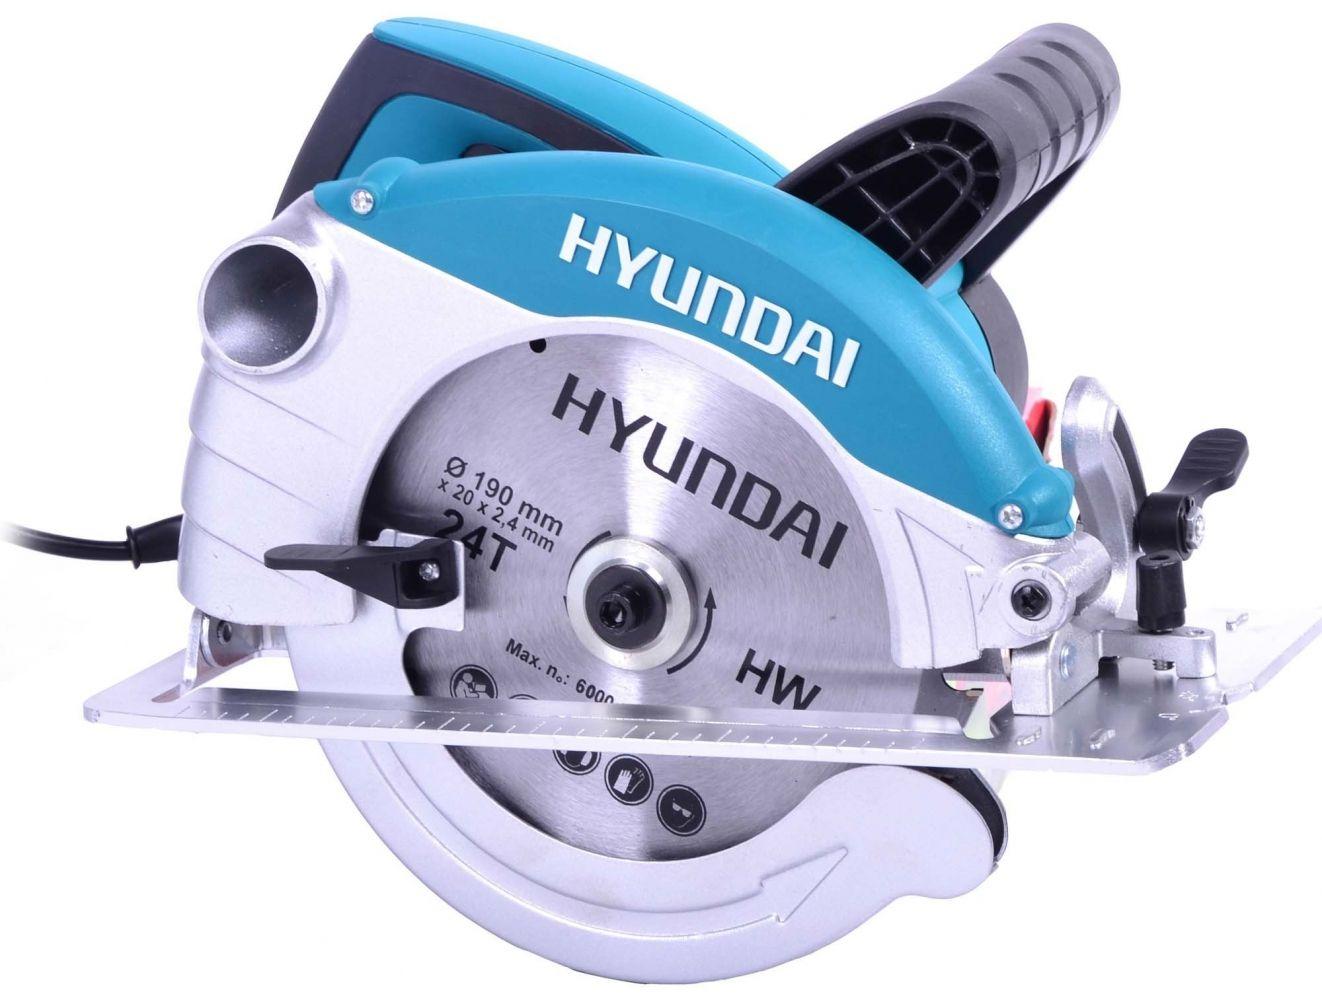 Купить Циркулярные пилы, Пила циркулярная Hyundai C 1500-190 Expert